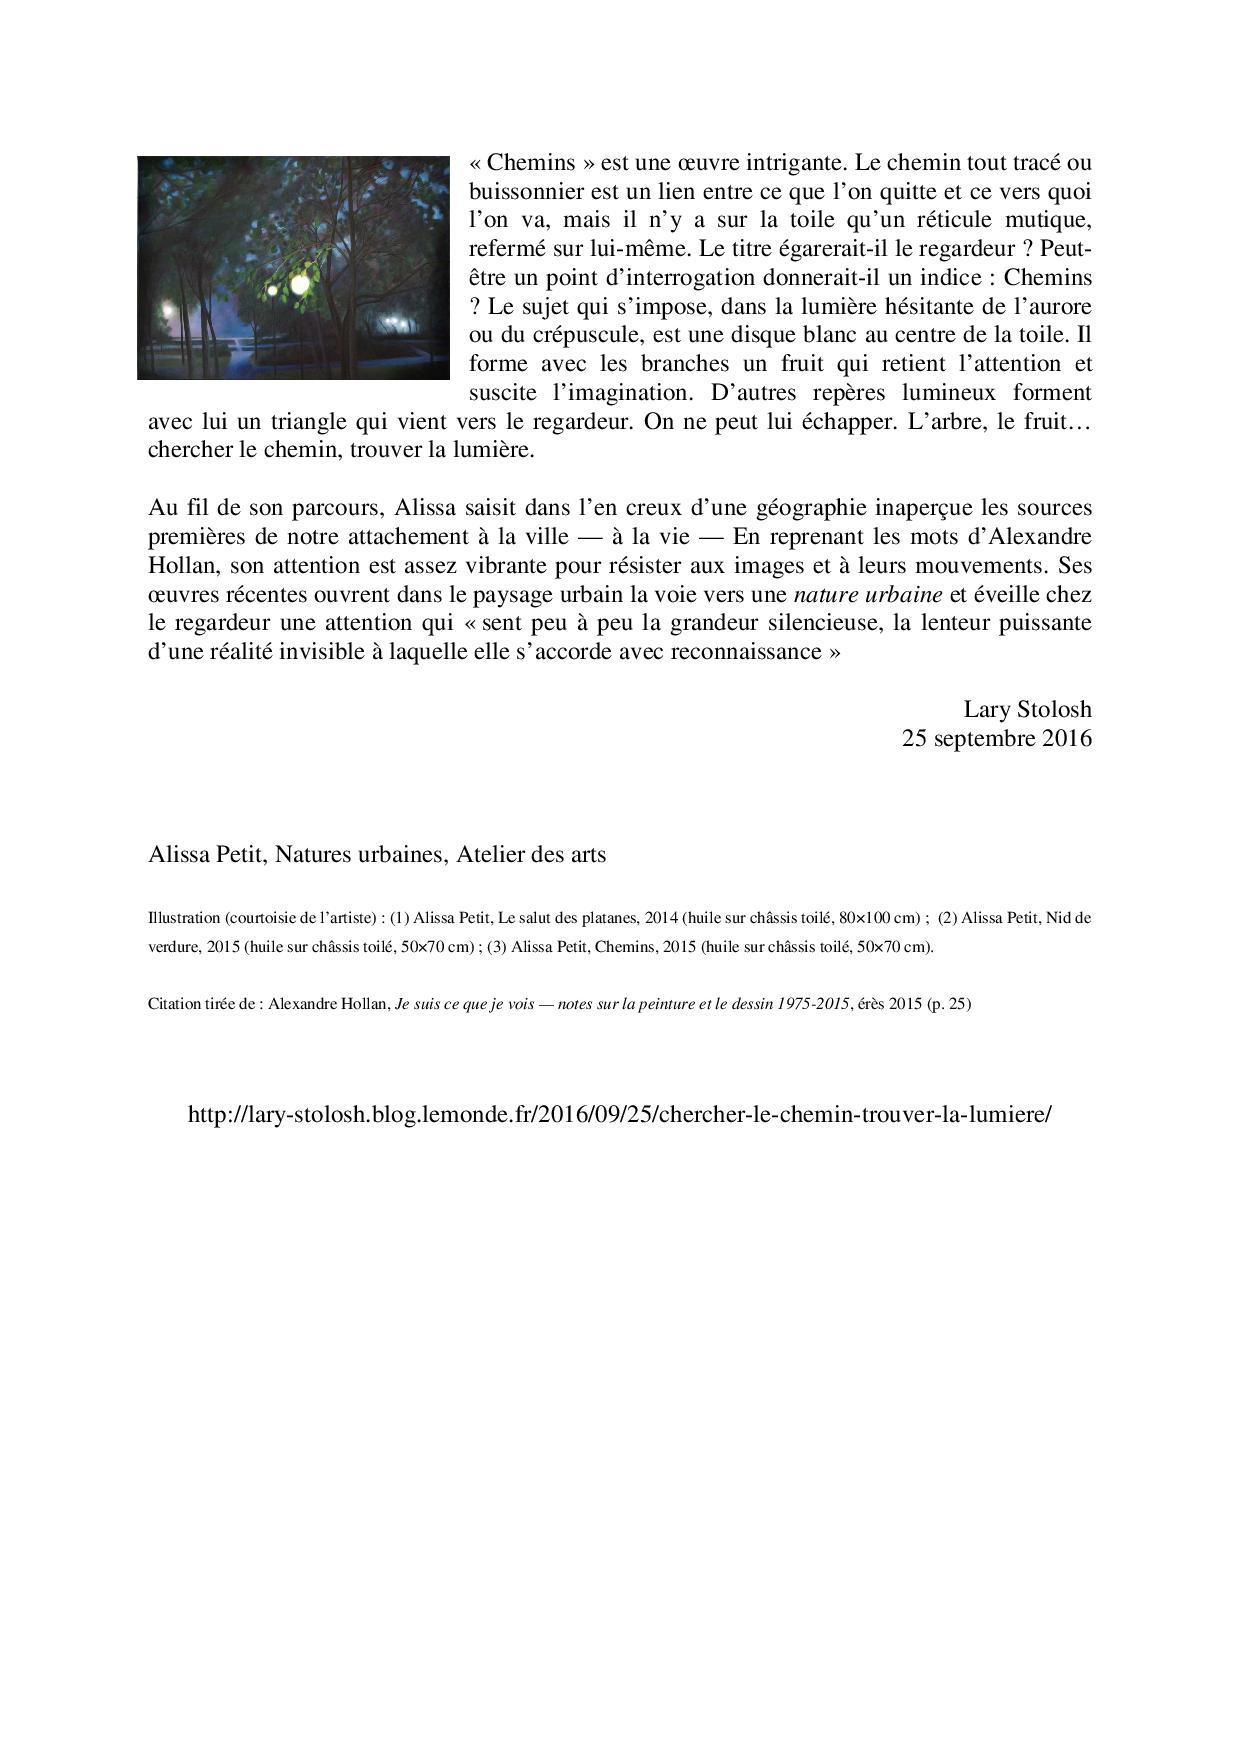 2016-09-25-chercher-le-chemin-trouver-la-lumiere-page-002